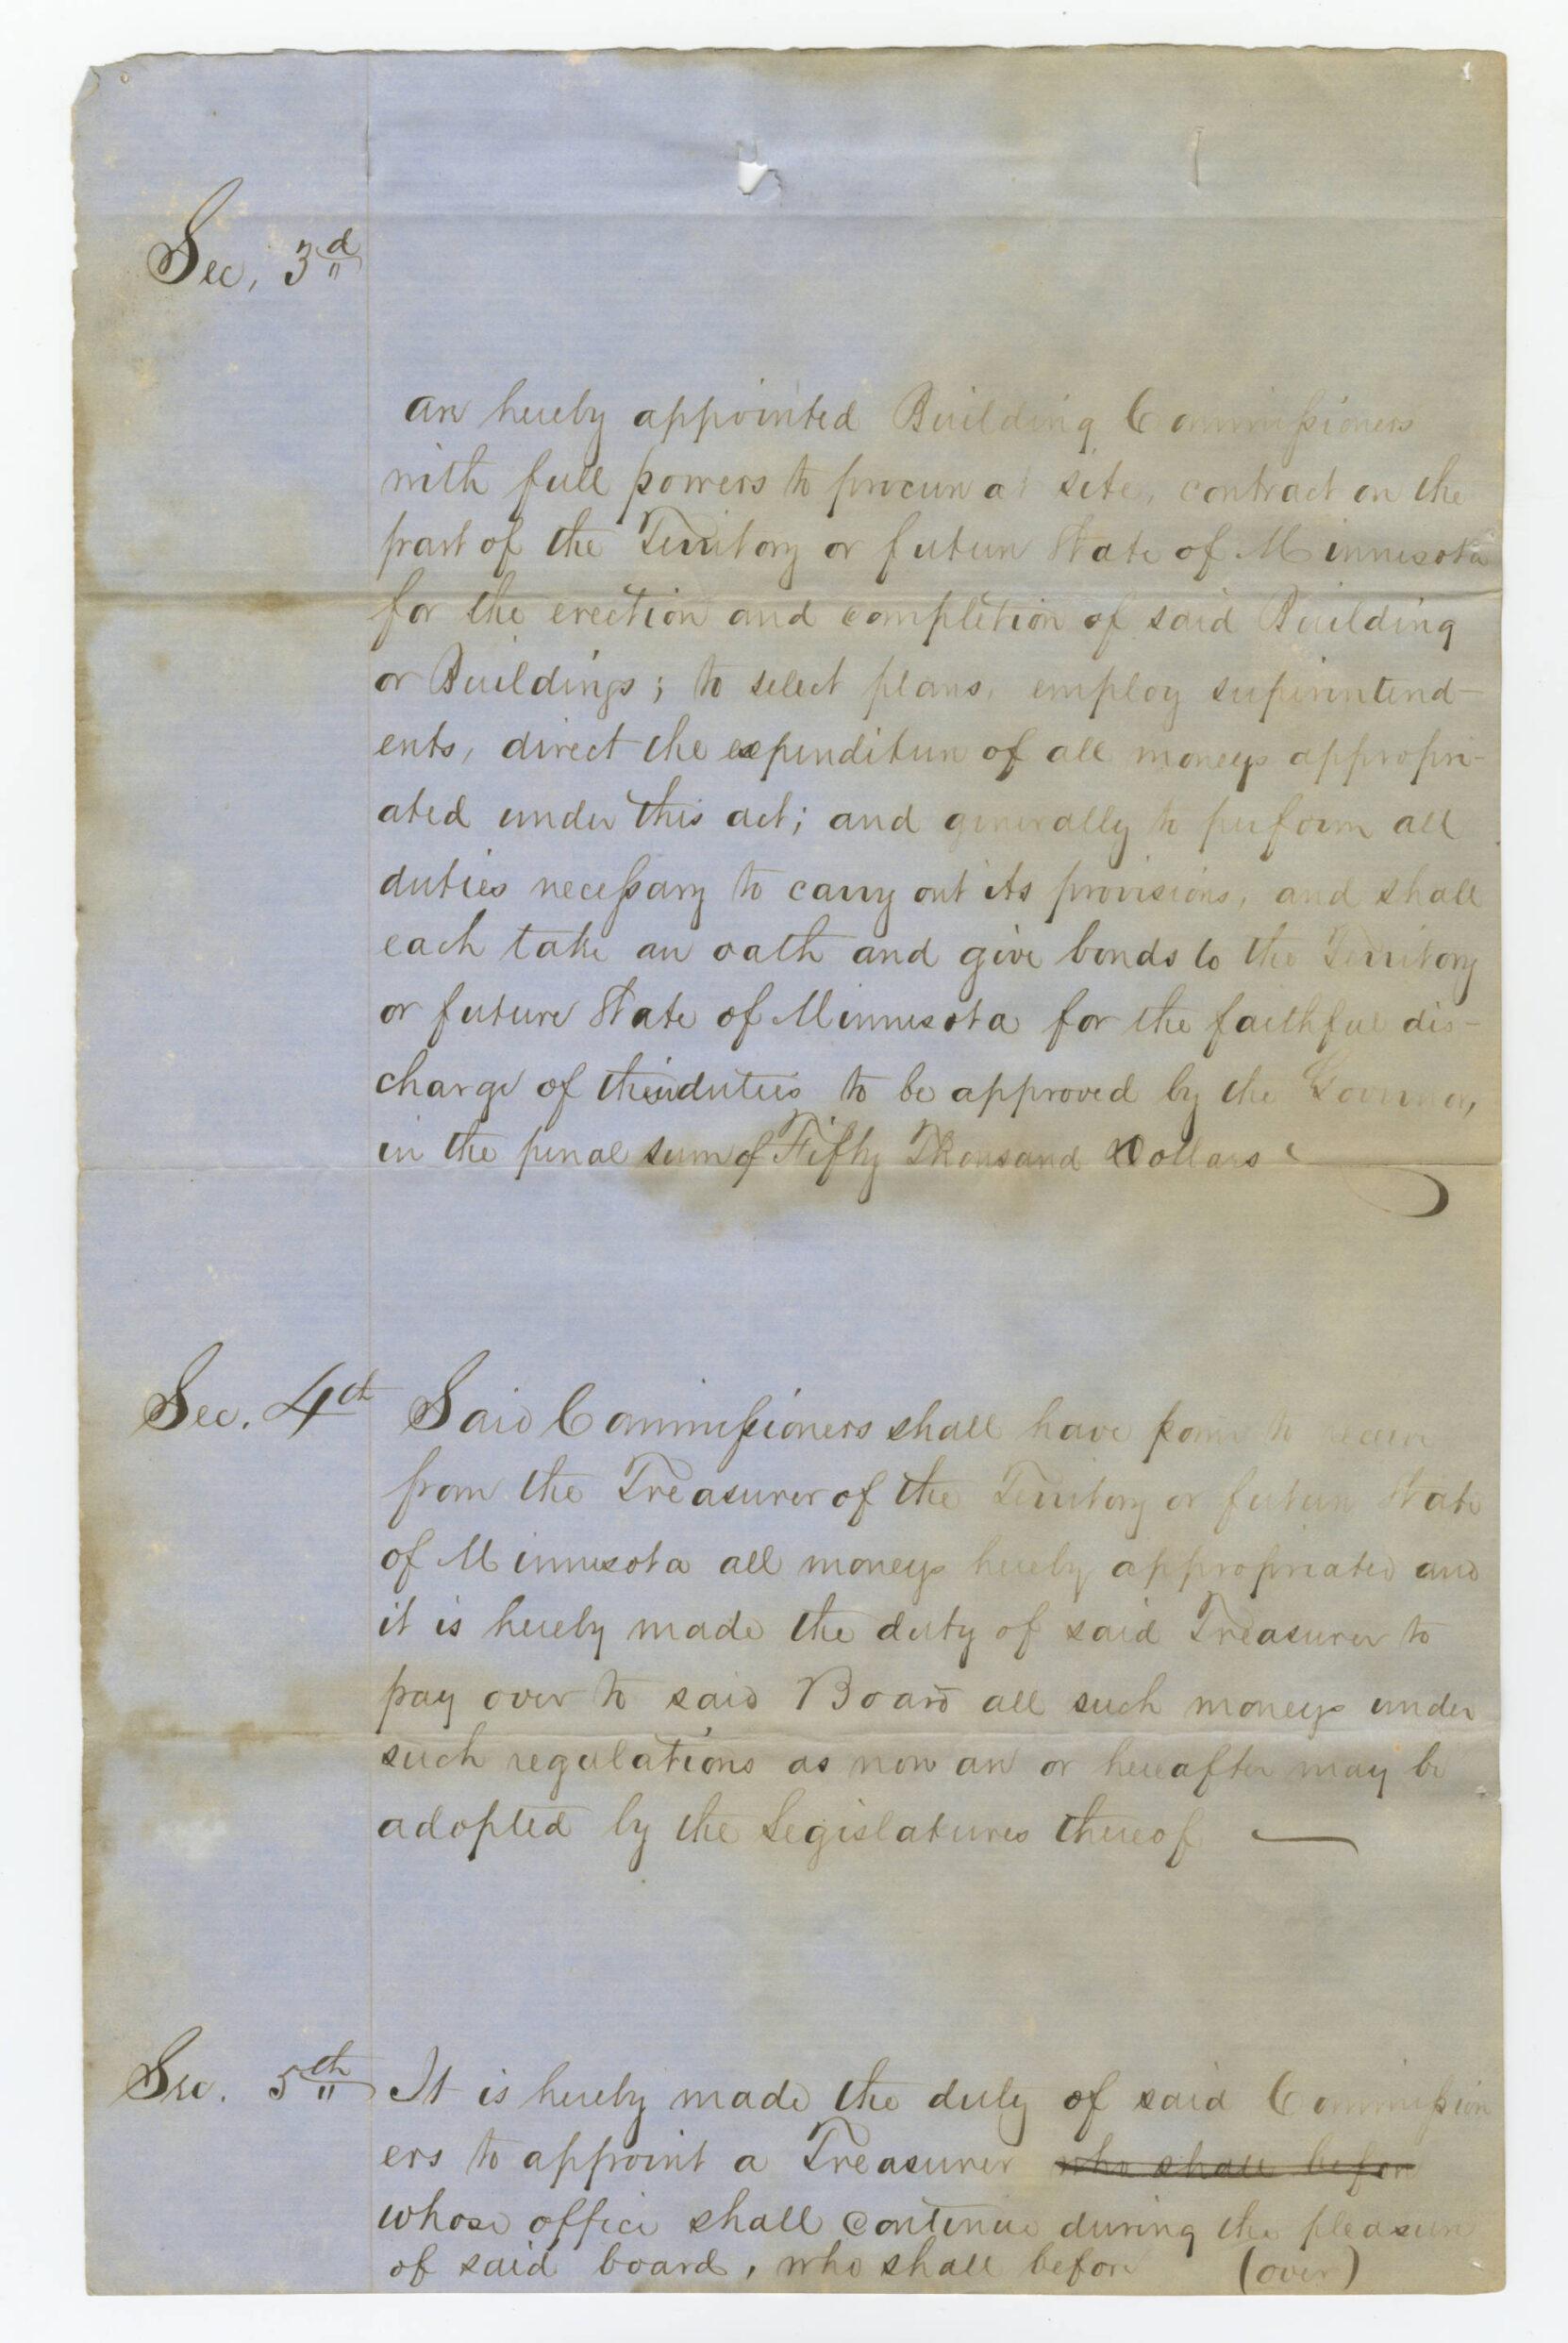 Bill pg 2